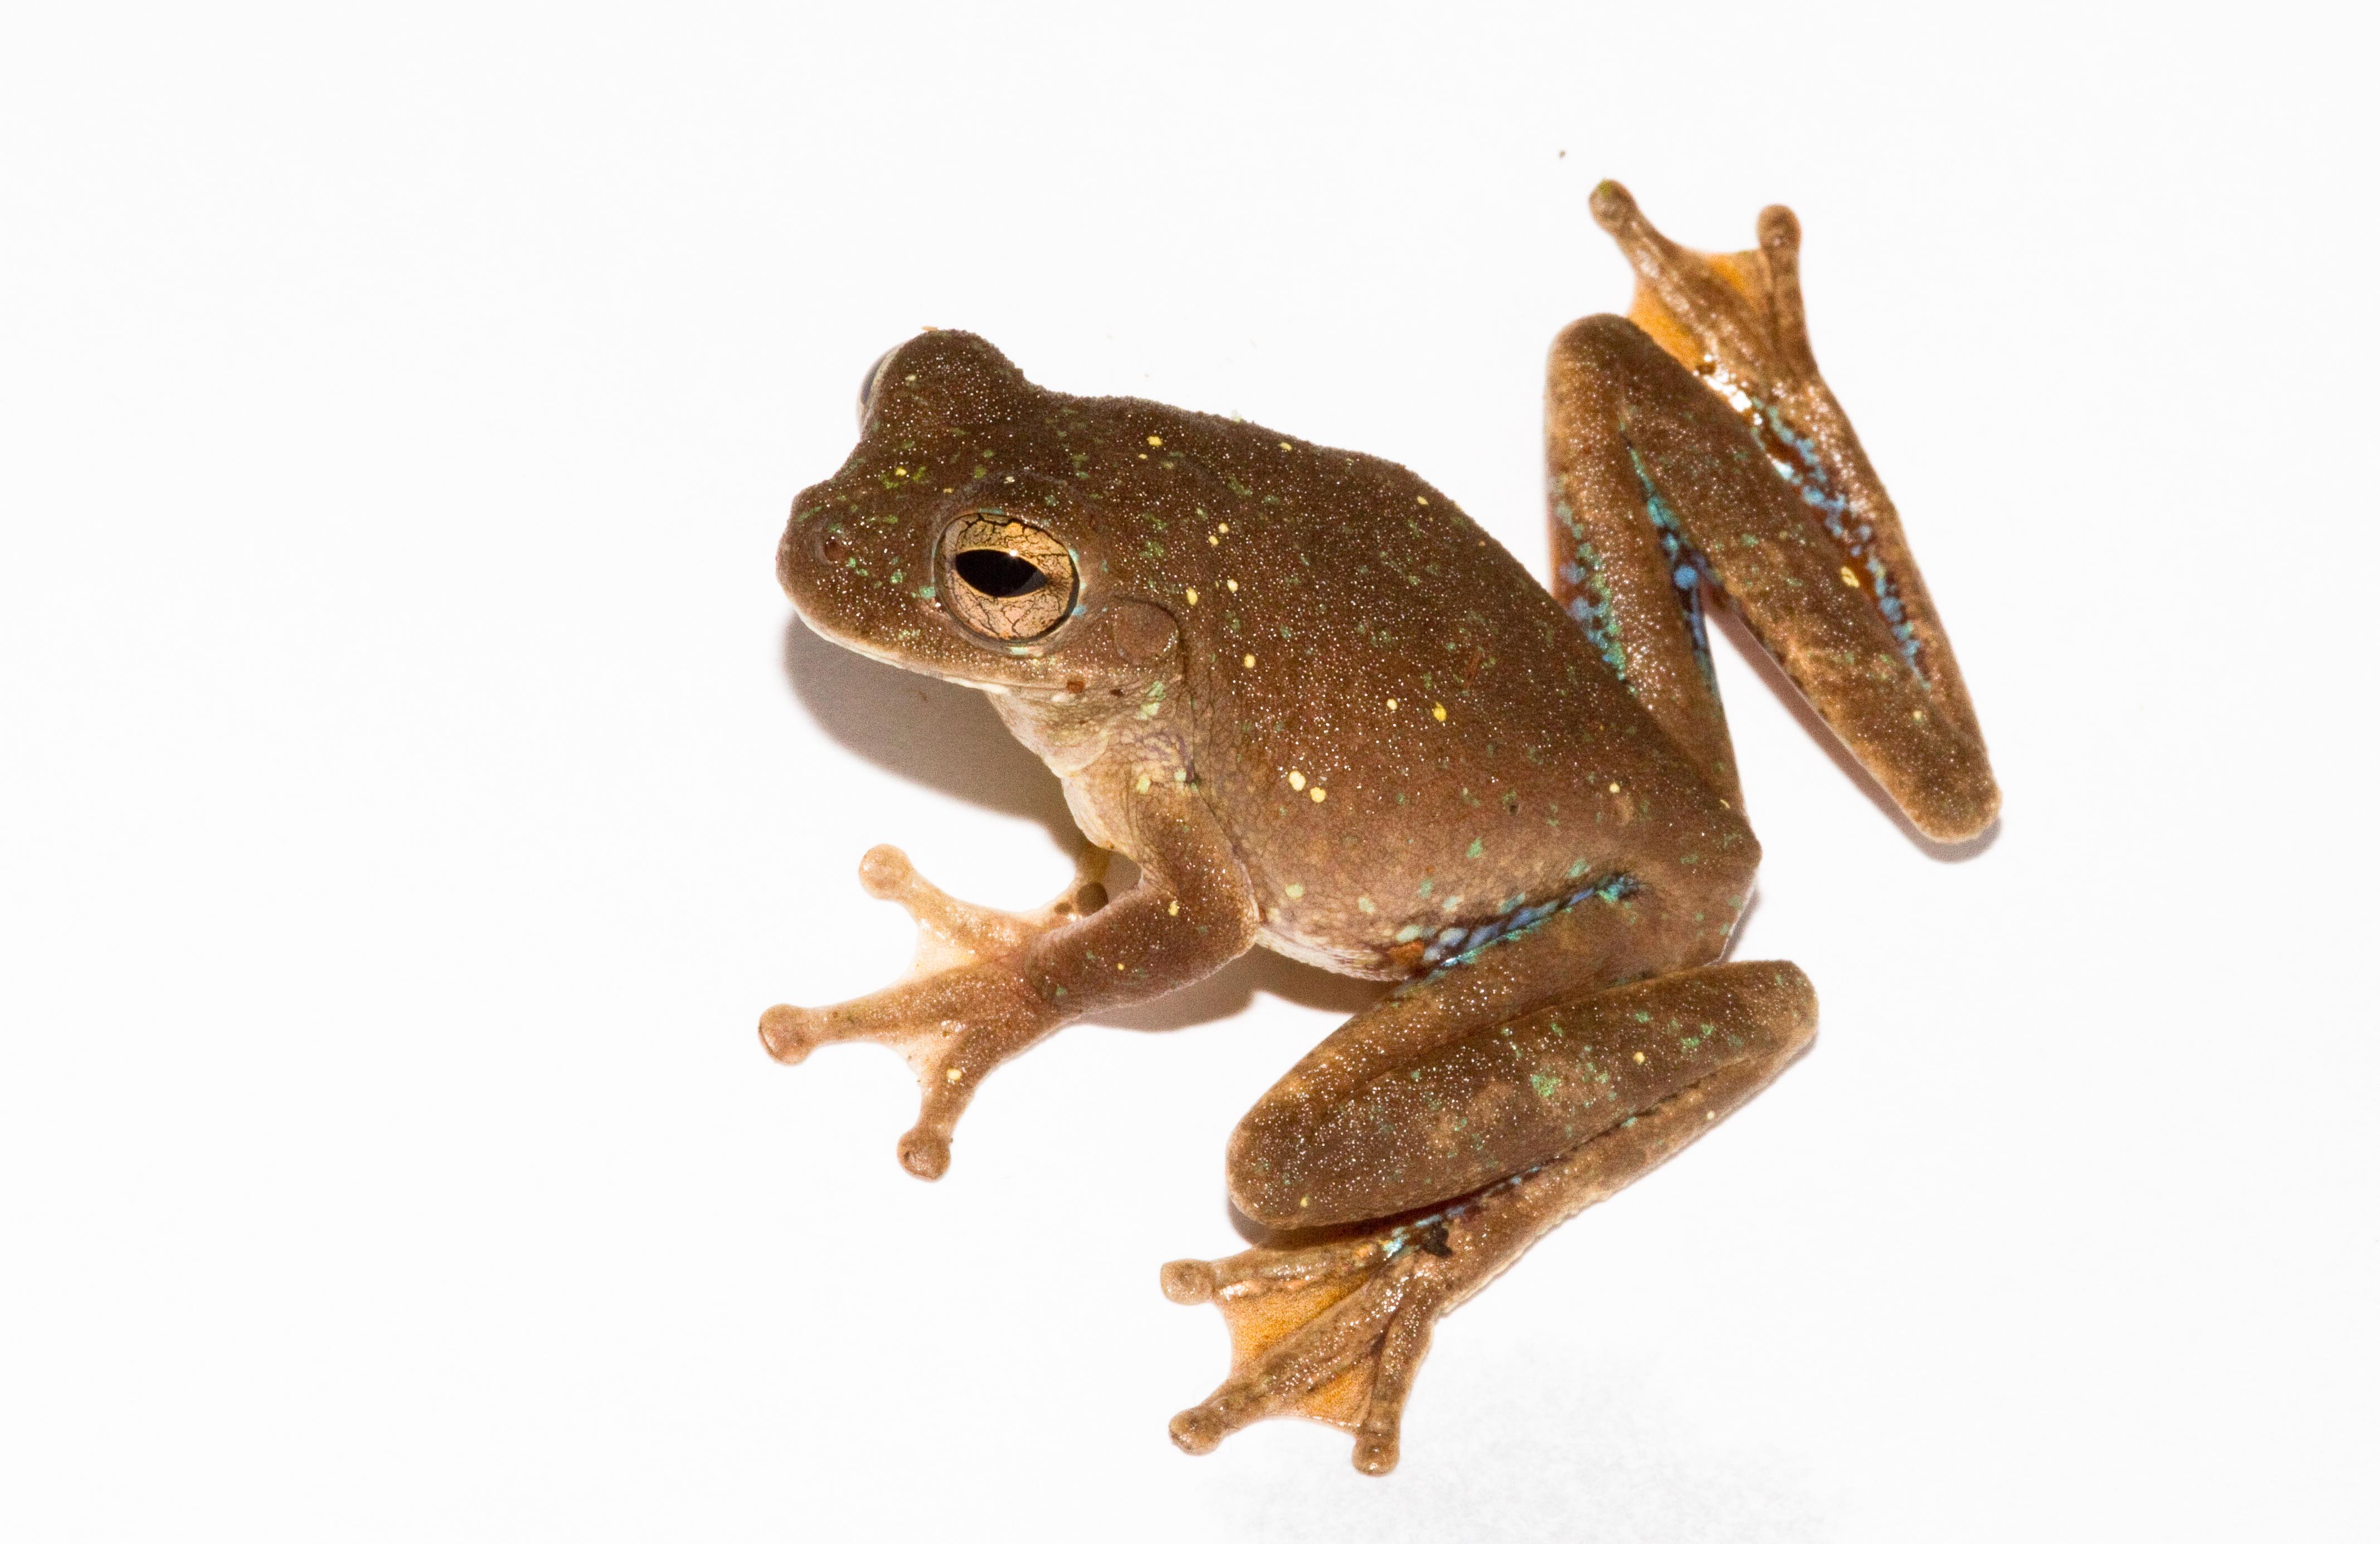 Image of Panama Cross-banded Treefrog